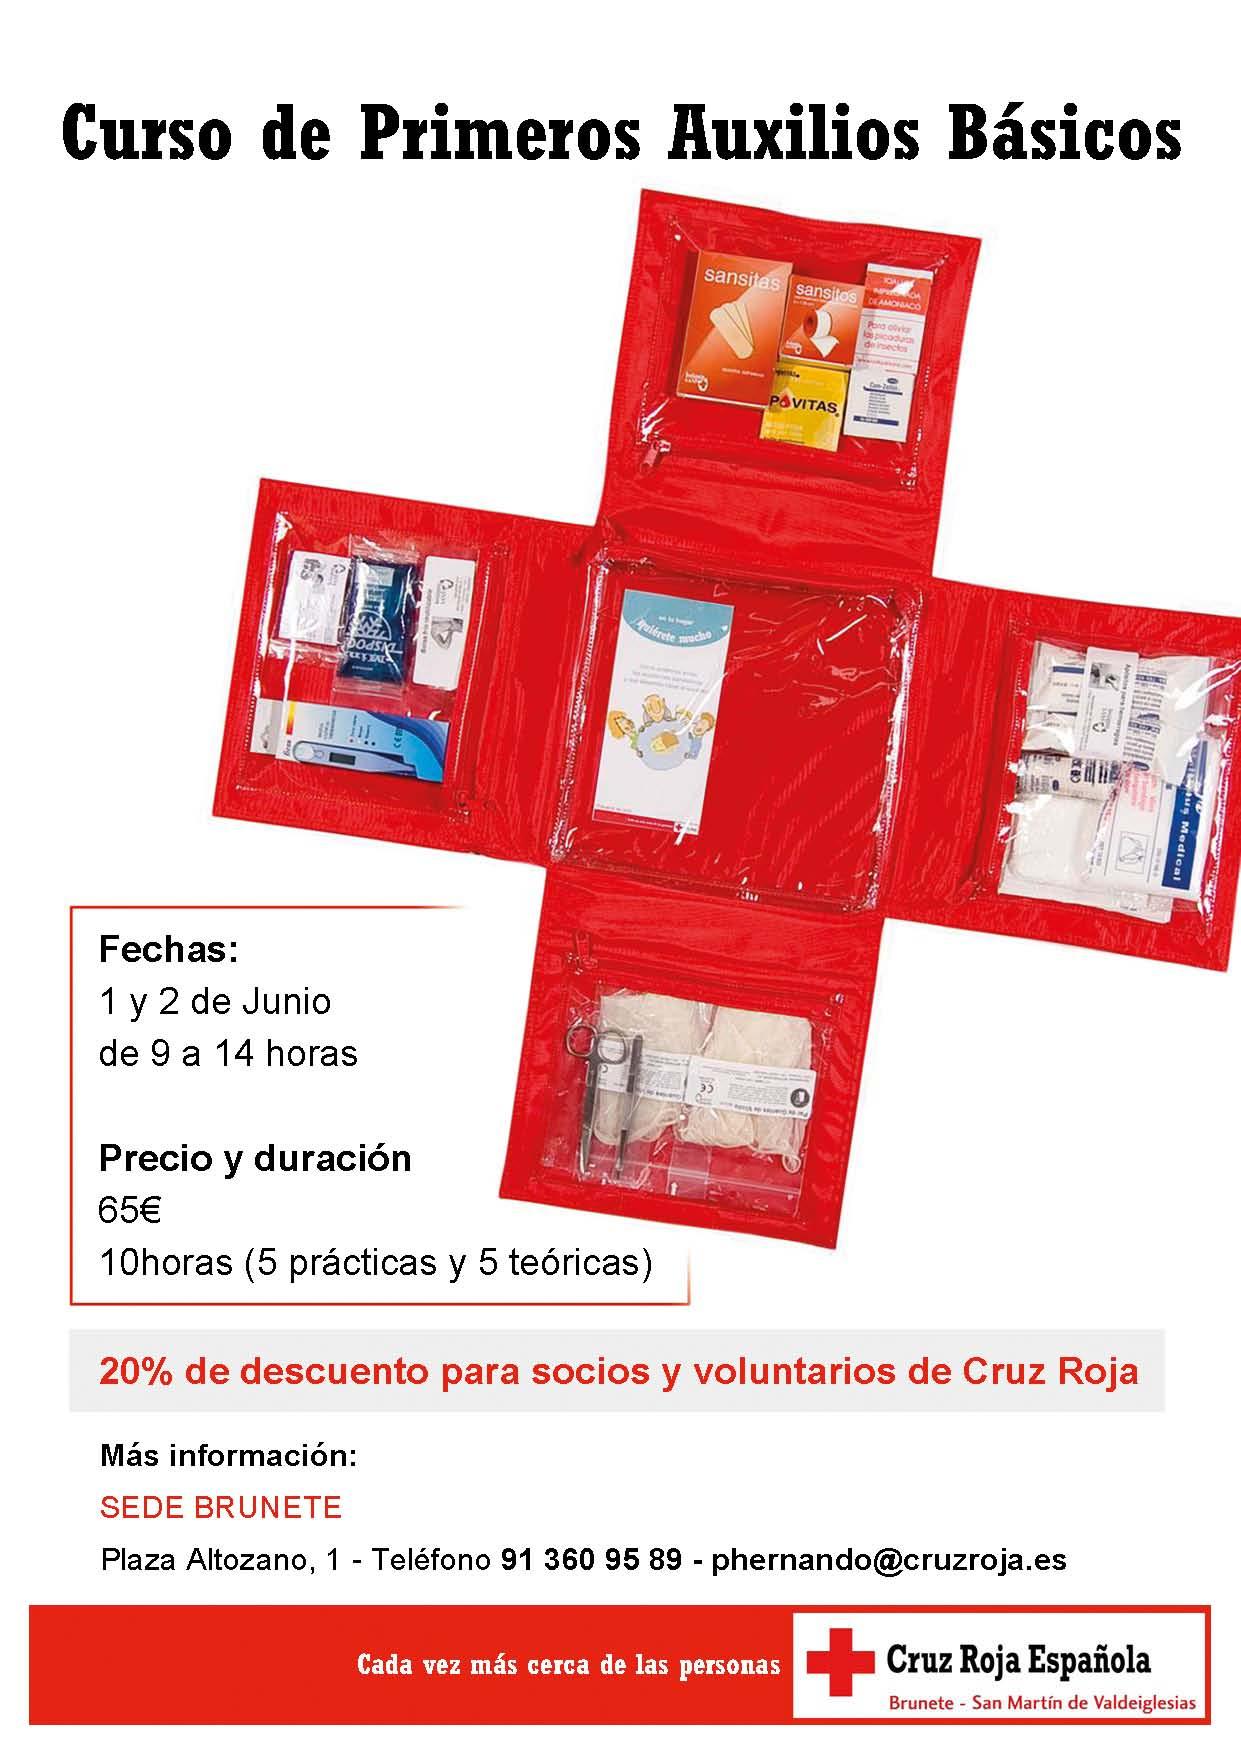 Curso de primeros auxilios básicos de Cruz Roja  ba3dcf73fb9